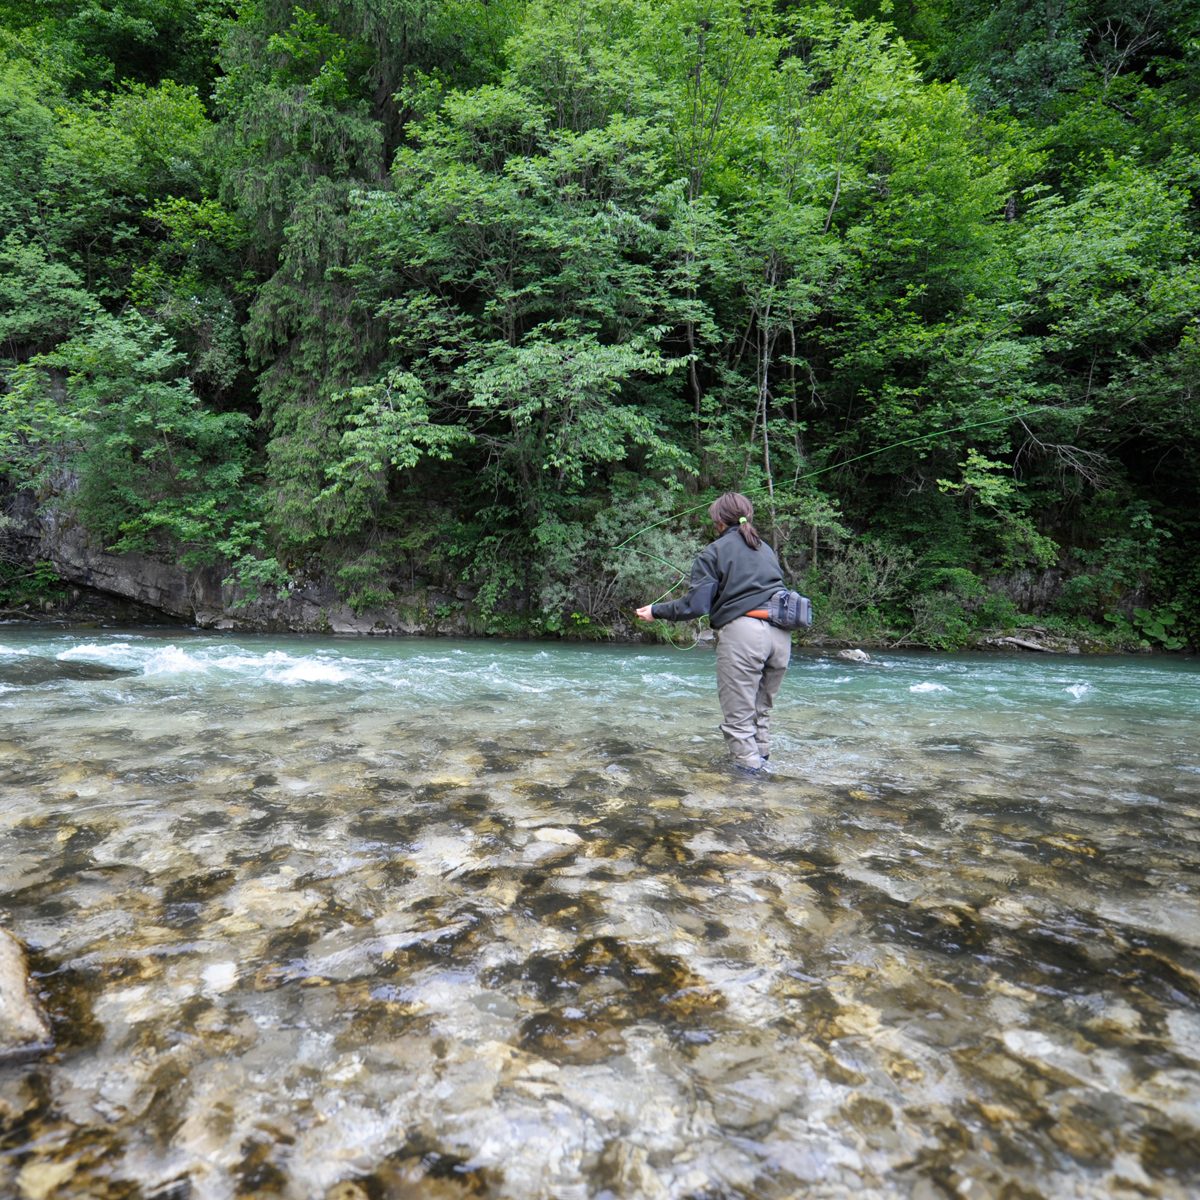 Fliegenfischen am Fluss